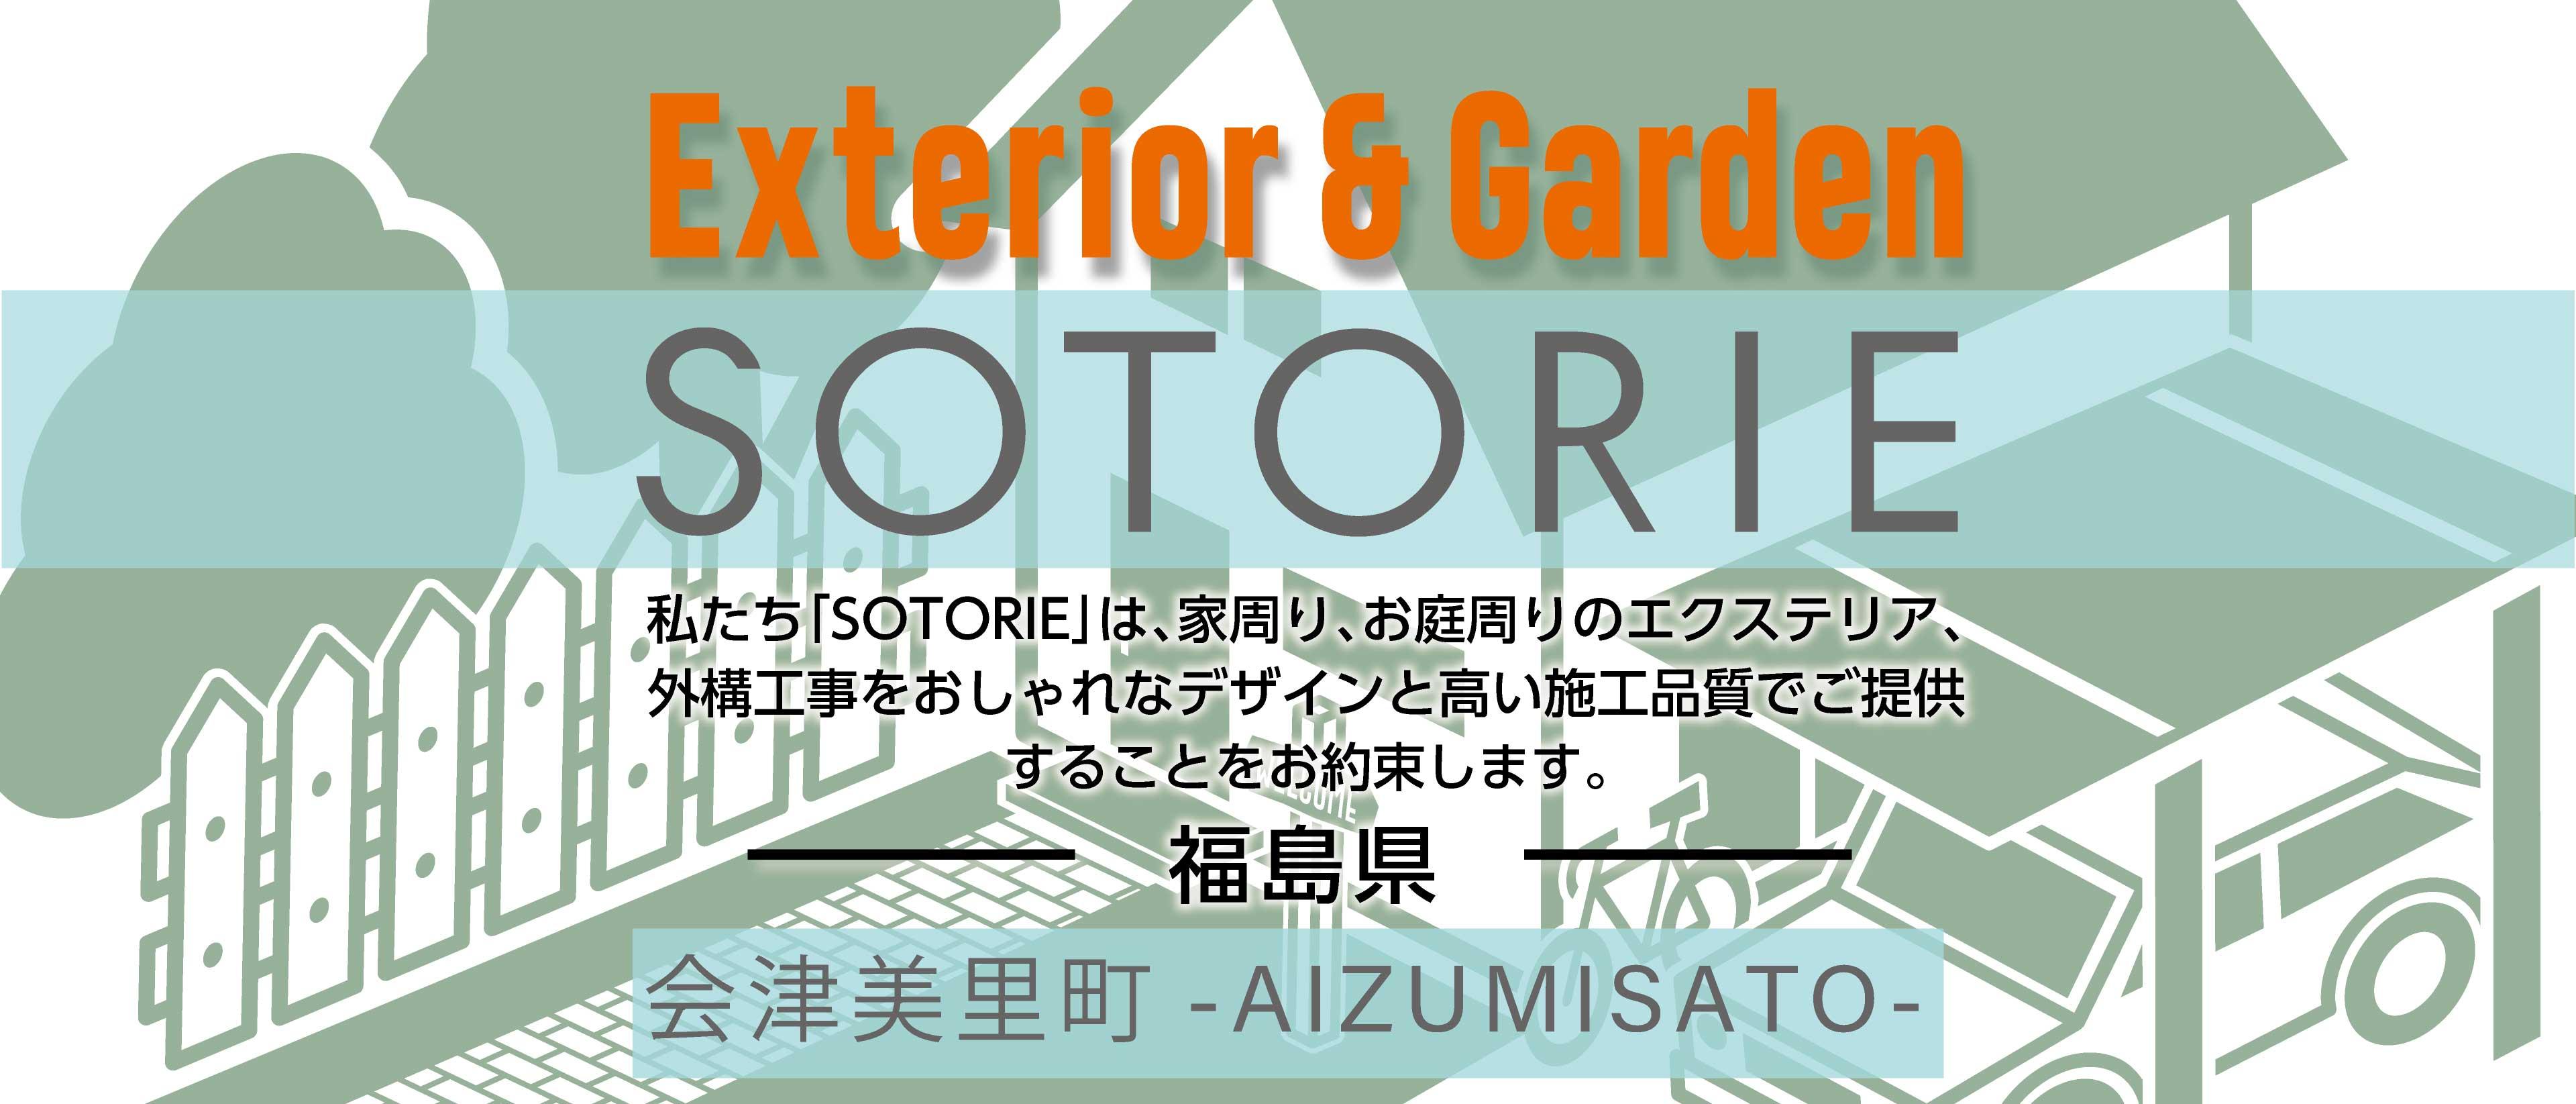 ソトリエ会津美里町では、家周りと庭周りの外構、エクステリア工事をおしゃれなデザインと高い施工品質でご提供することをお約束します。